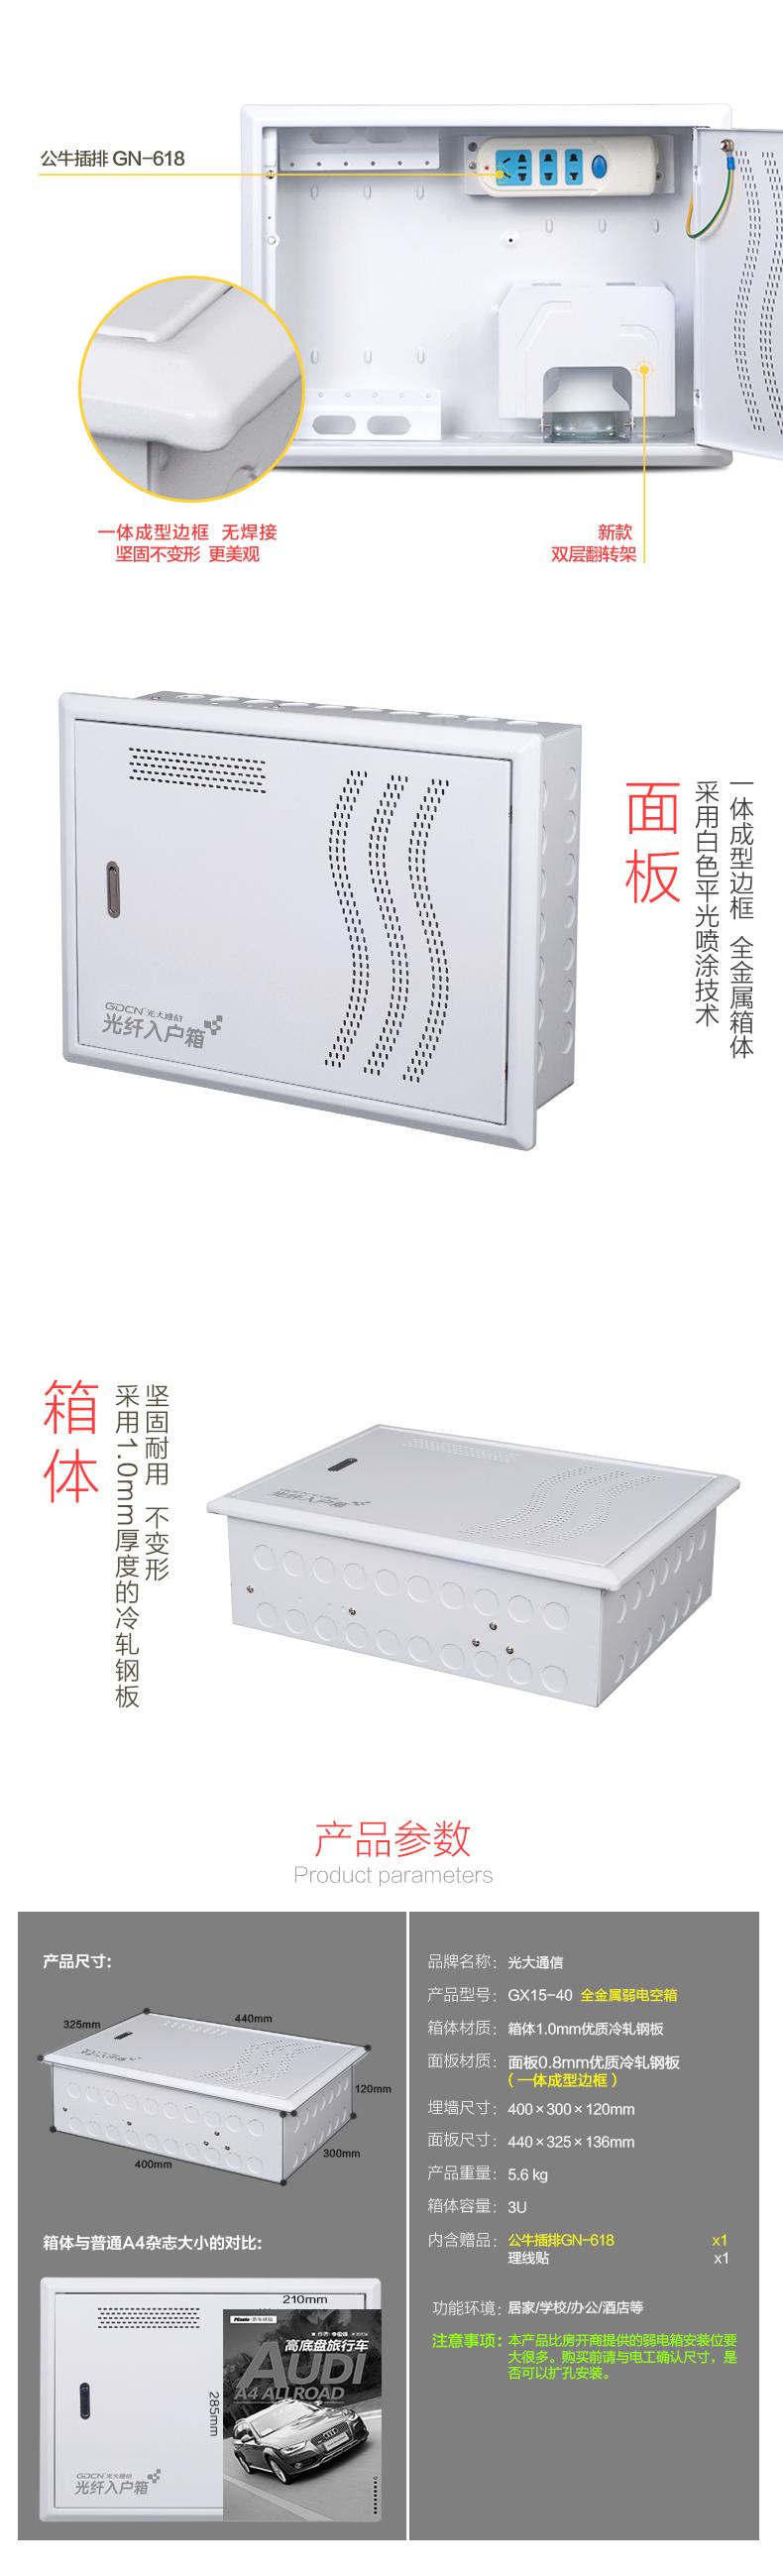 GX15-40 一體成型 全金屬弱電空箱